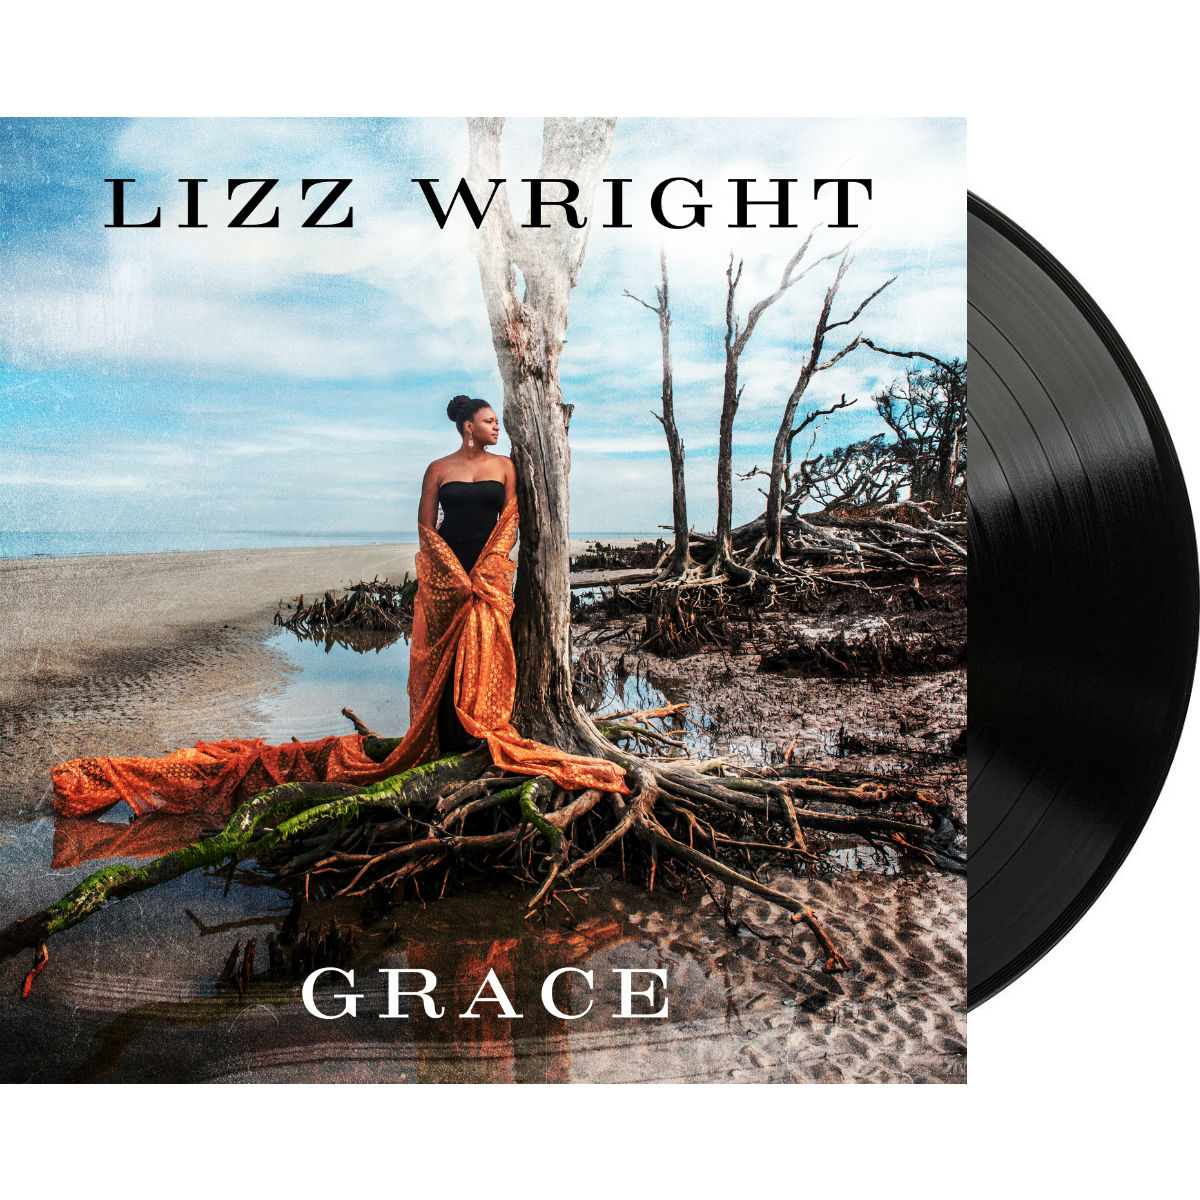 Grace LP - Lizz Wright